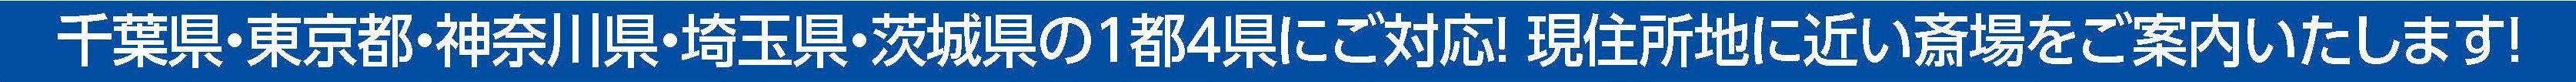 TVホスピタル H29.4現在最新 B案 - コピー (2)